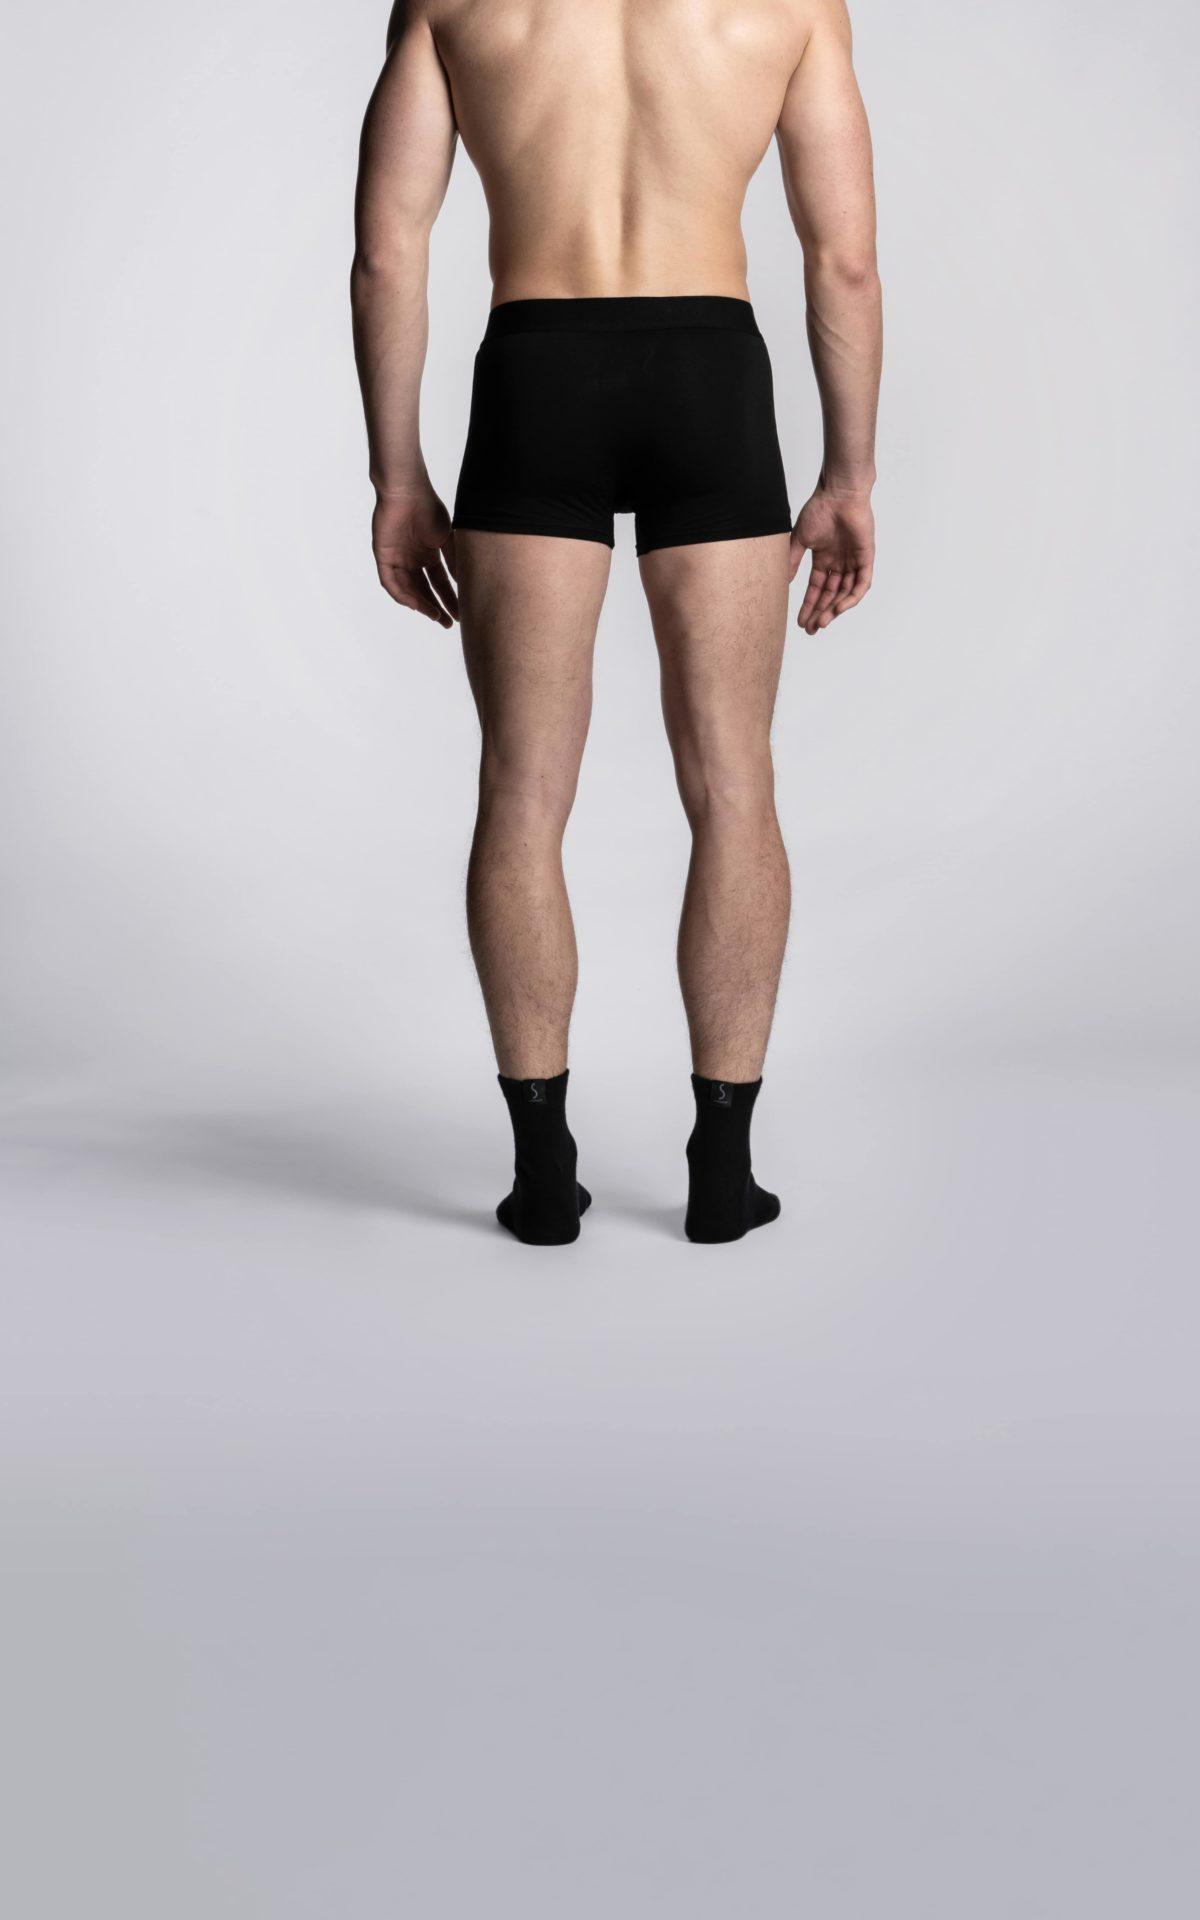 Homme portant un slip sportif noir et des chaussettes socquettes noirs de la marque S BORDEAUX